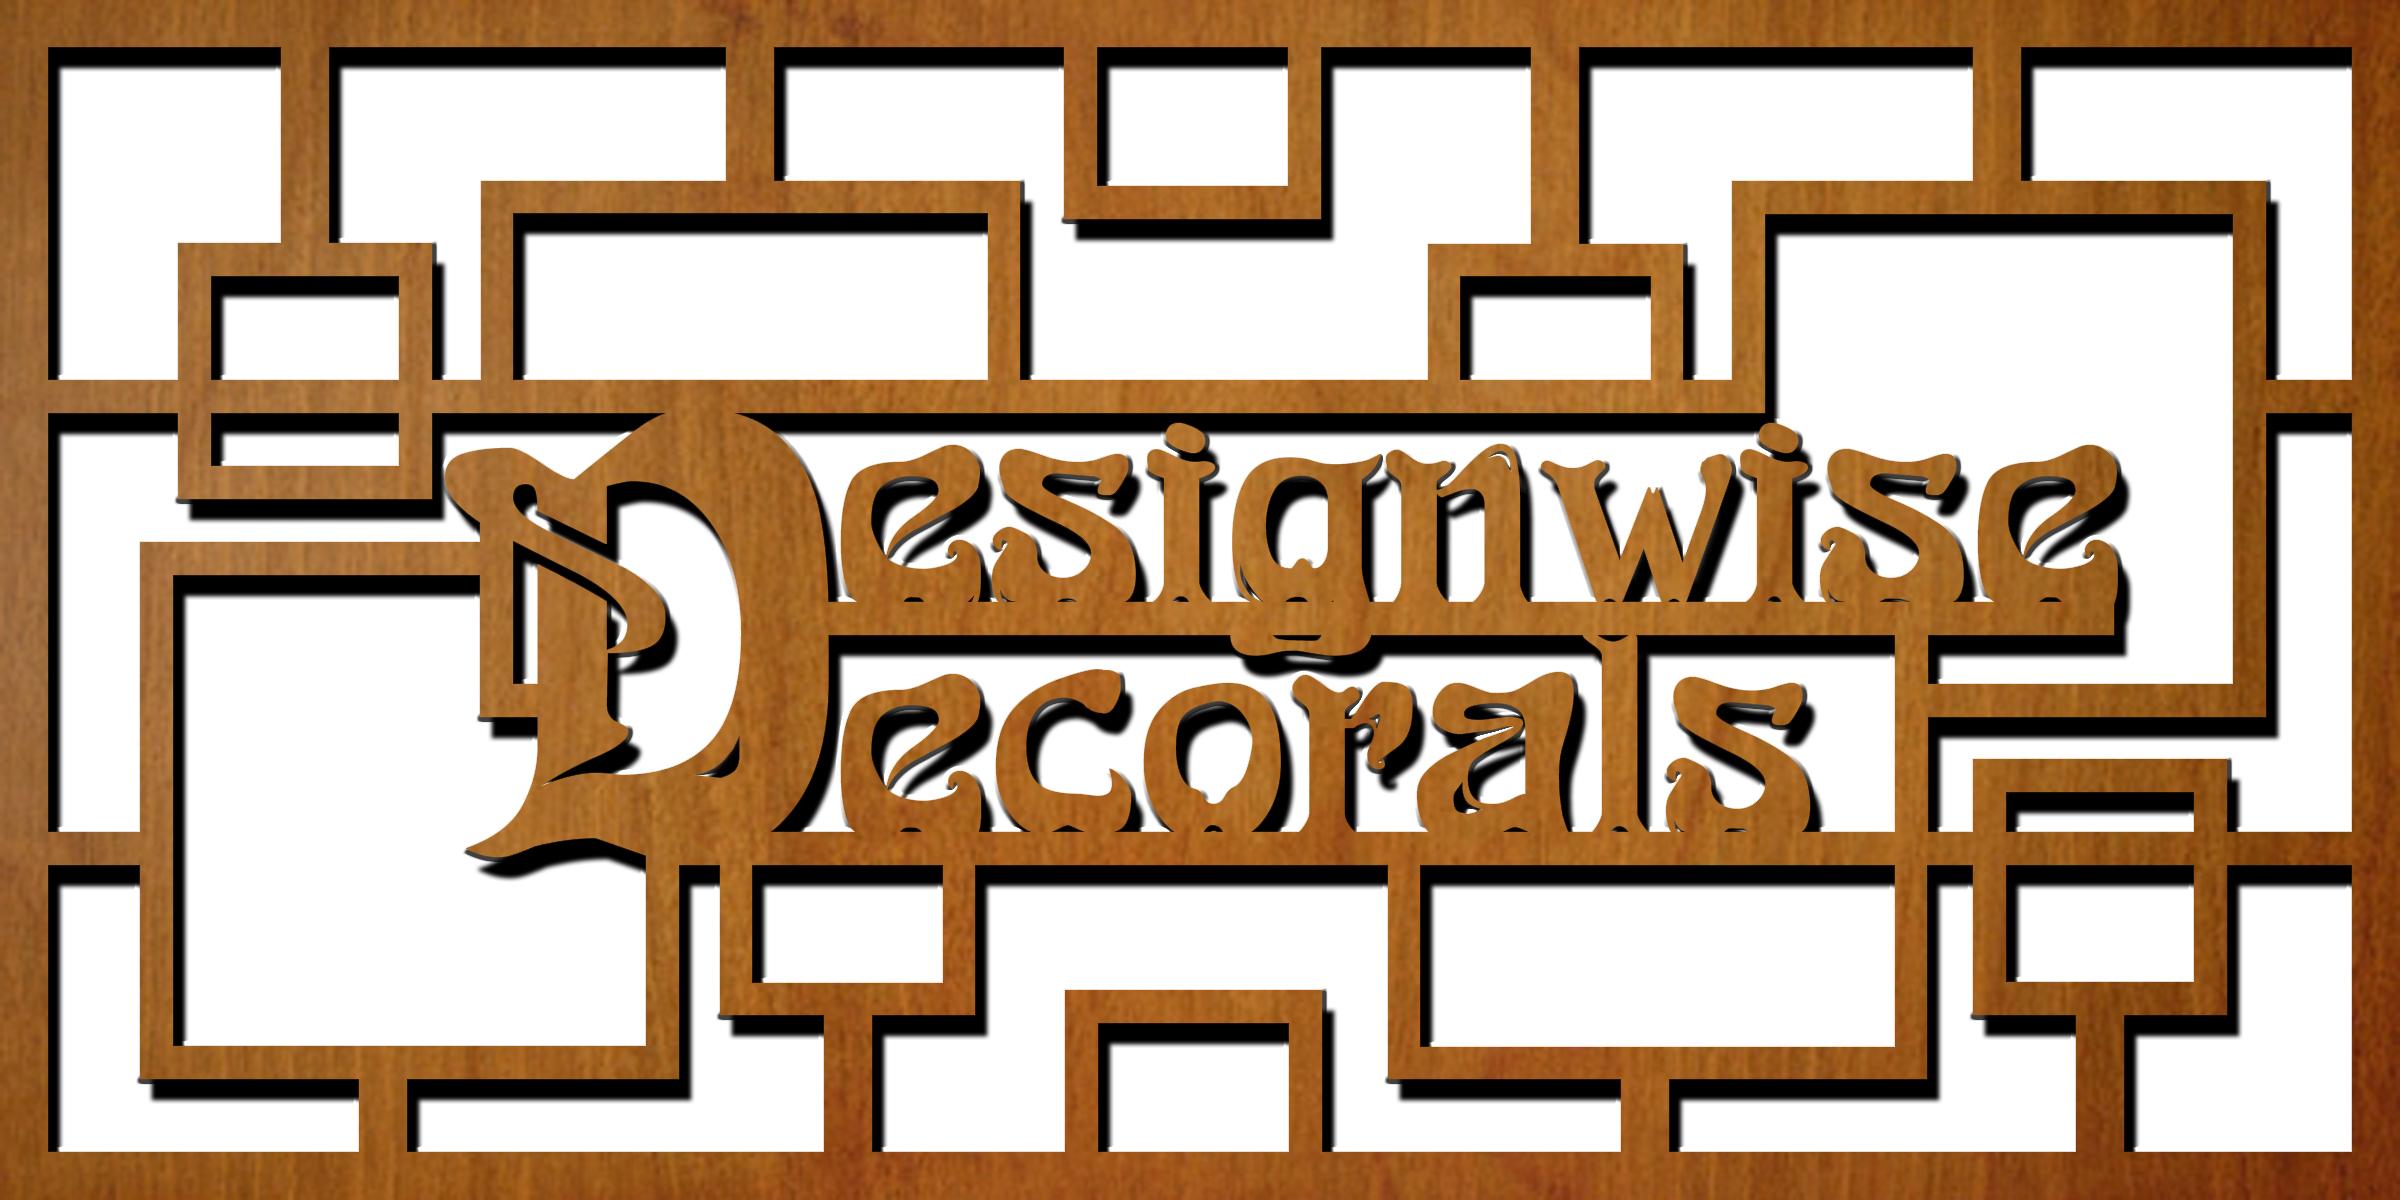 Designwise Decorals